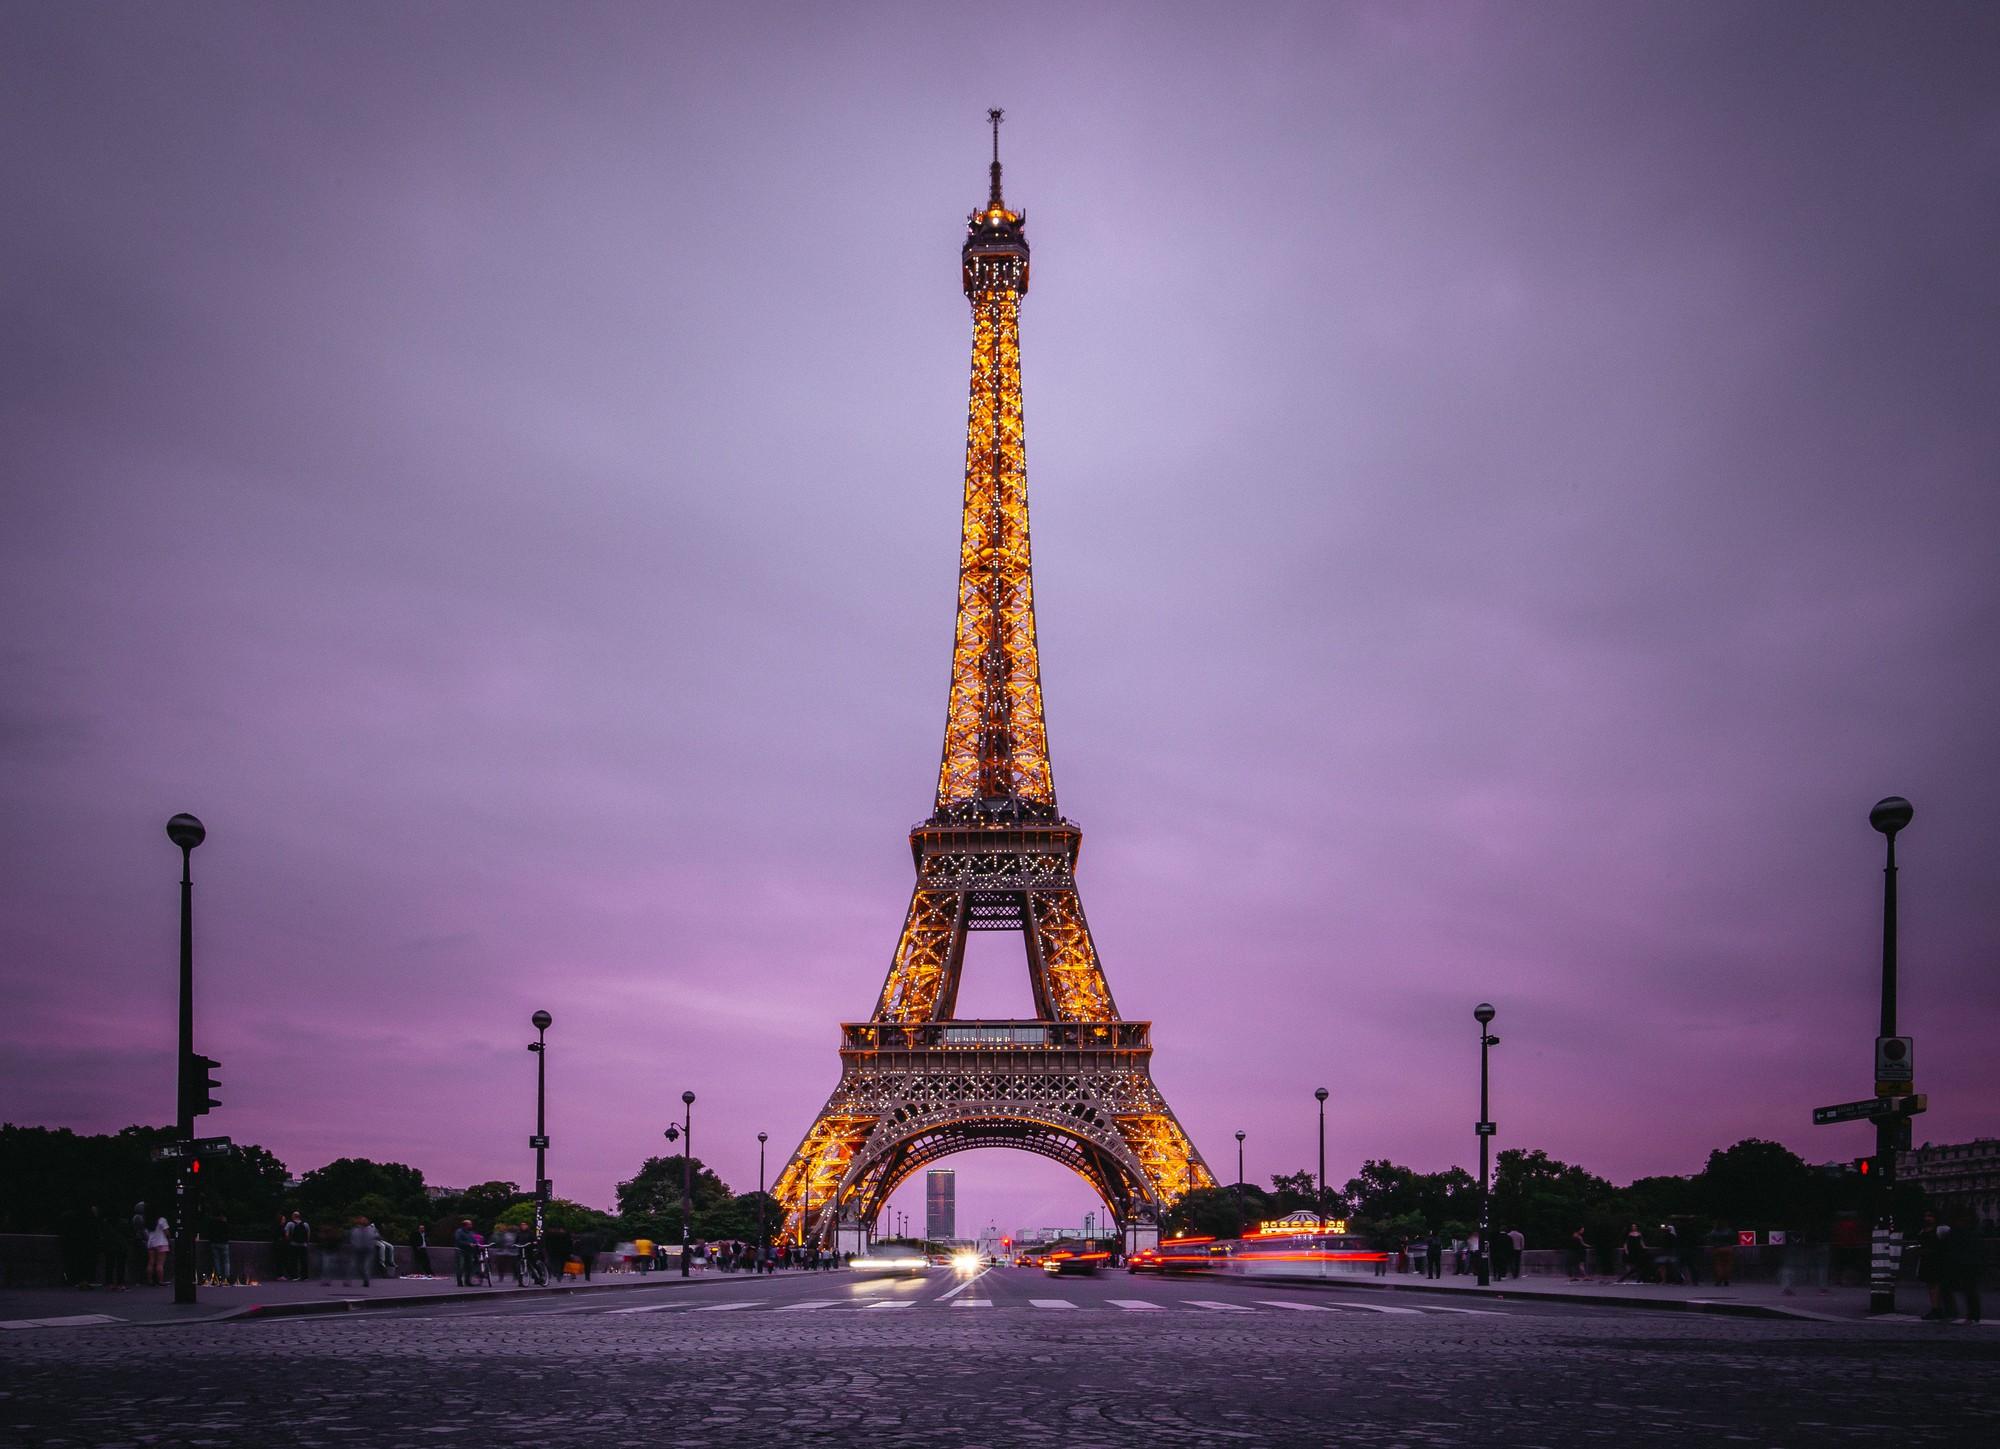 Chụp hình tháp Eiffel vào buổi tối có thể khiến bạn... bị kiện ra toà, và đây là lí do! - Ảnh 4.